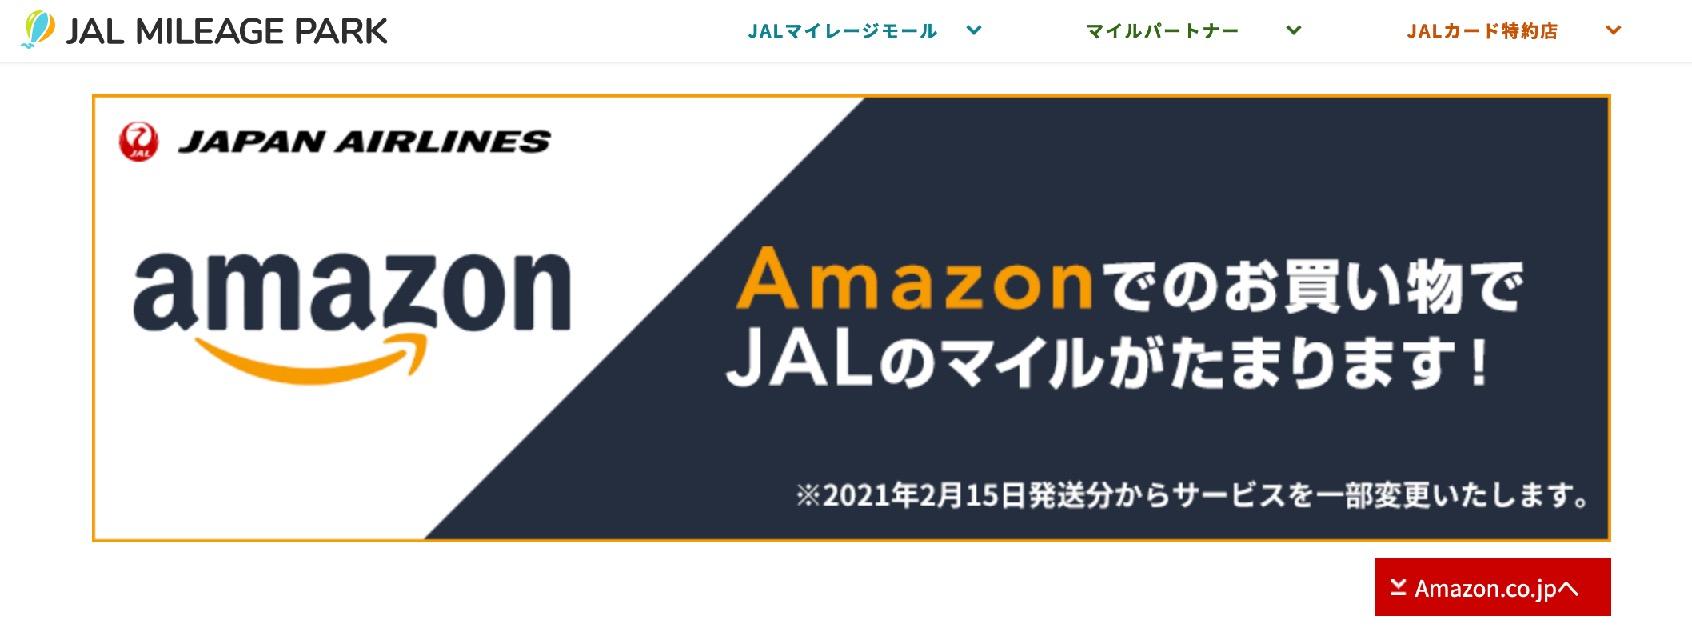 JALマイレージモールで「Amazon」のマイル積算率が変更